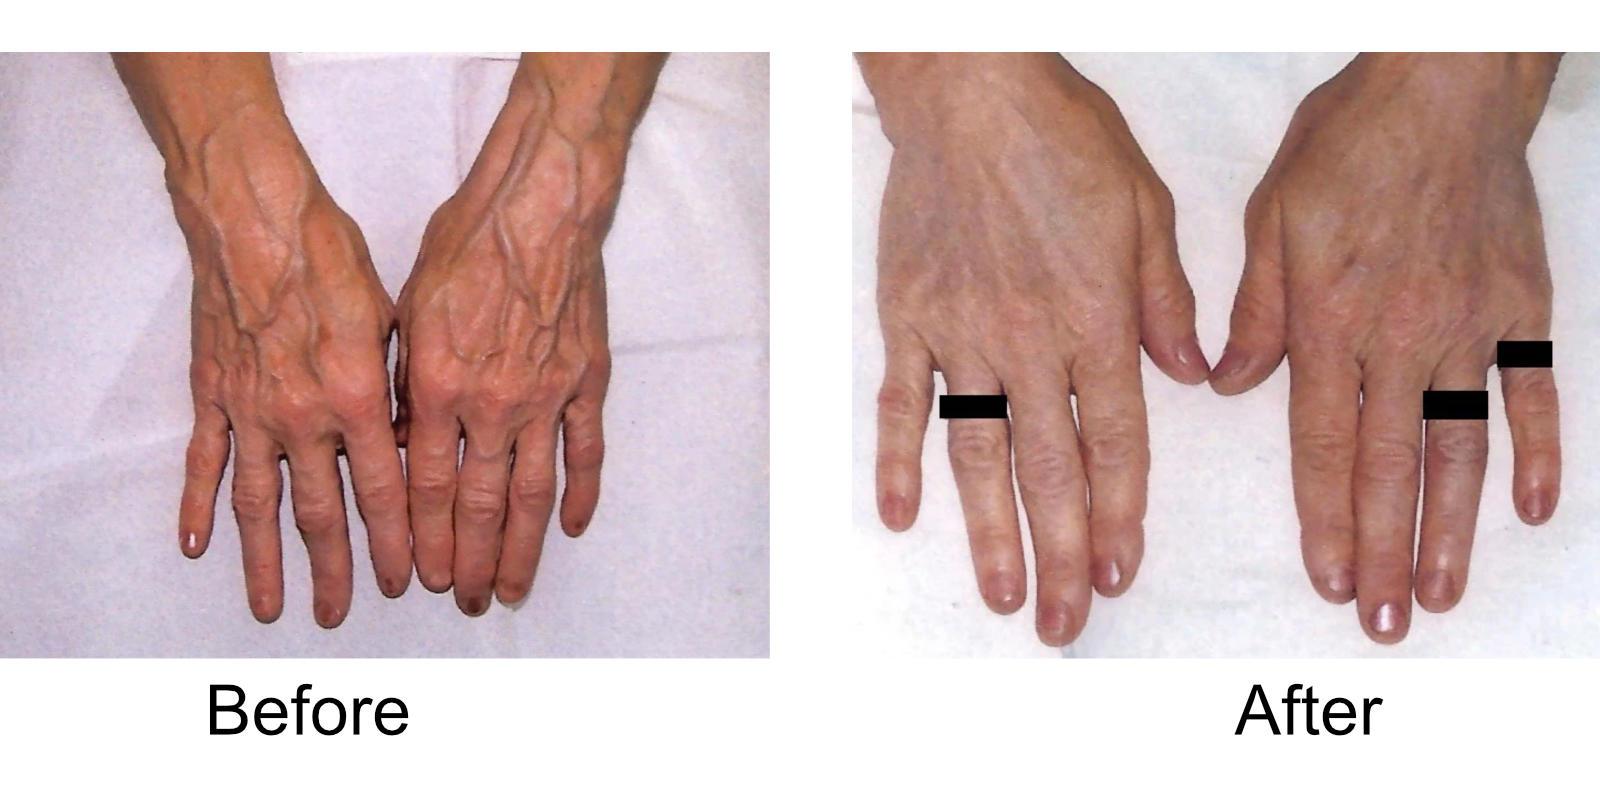 hand-veins-comparison-07